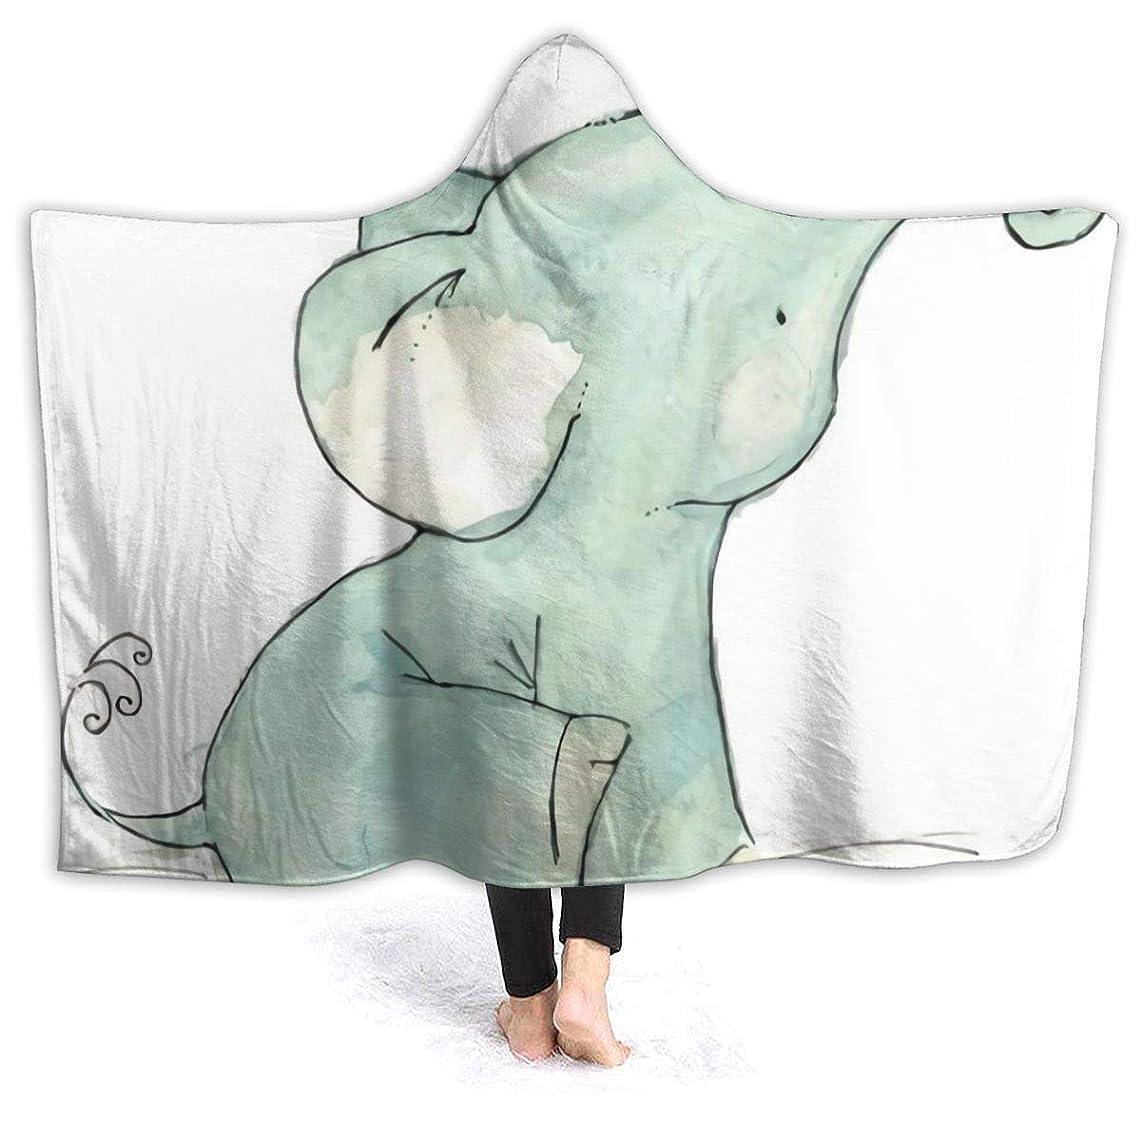 警報登る価値のないHR.LLM 象 ゾウ フード付き毛布 着る毛布 毛布 膝掛け毛布 ラップタオル 冷房/防寒対策 防寒保温 防静電加工 軽量 厚手 大判